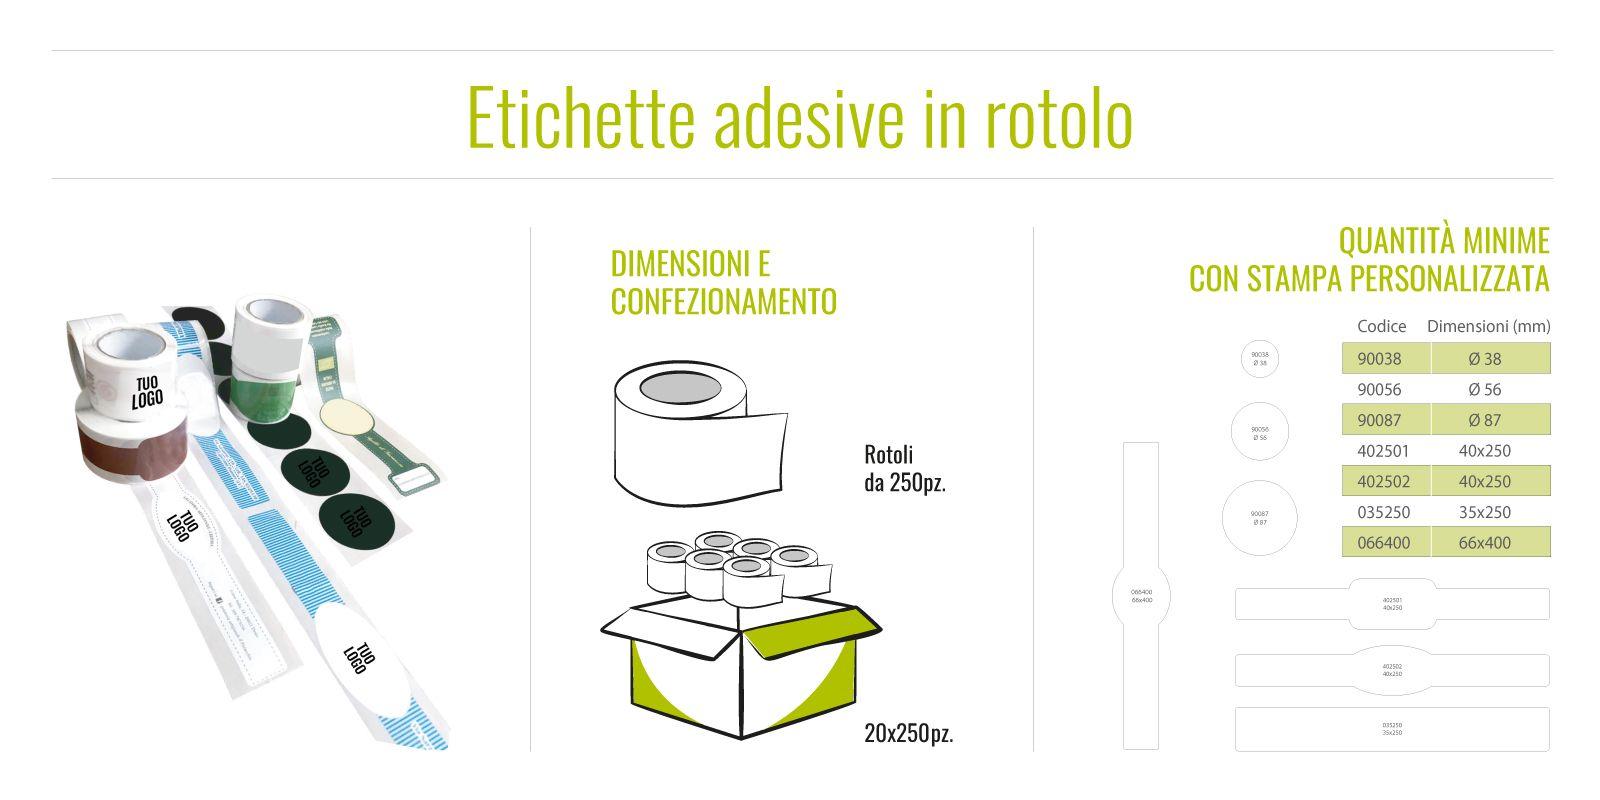 Scheda etichette adesive in rotolo